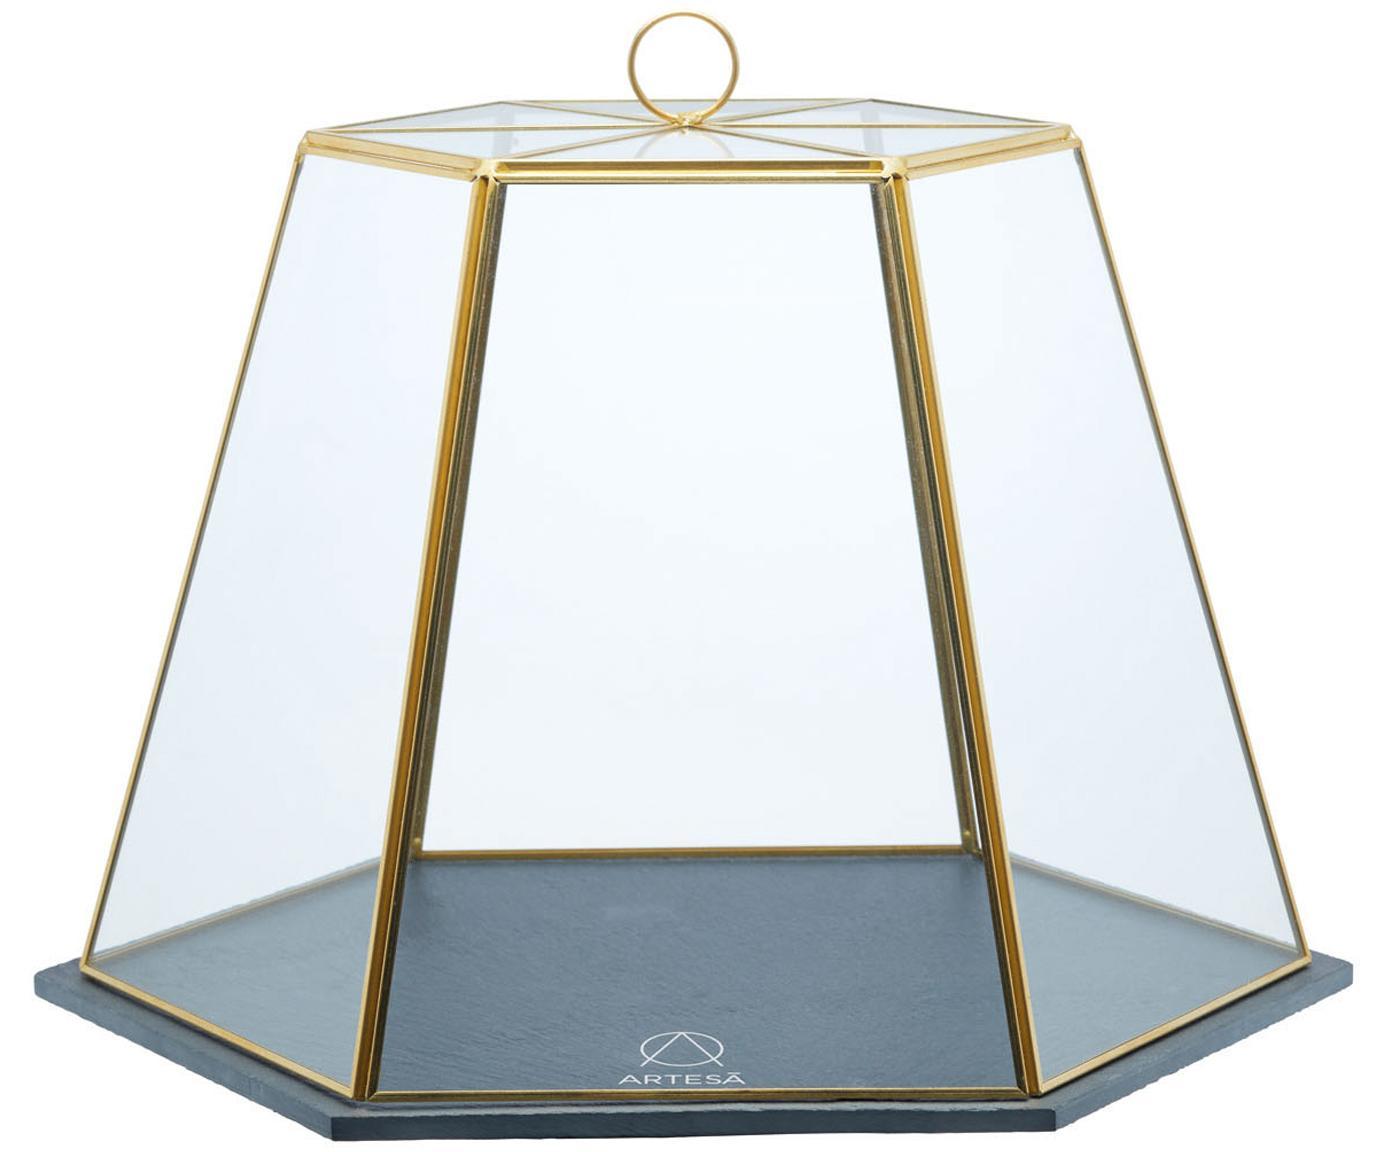 Servierglocke Artesa aus Glas mit goldenen Details, Schiefer, Glas, Metall, Goldfarben, Transparent, Schwarz, 31 x 25 cm